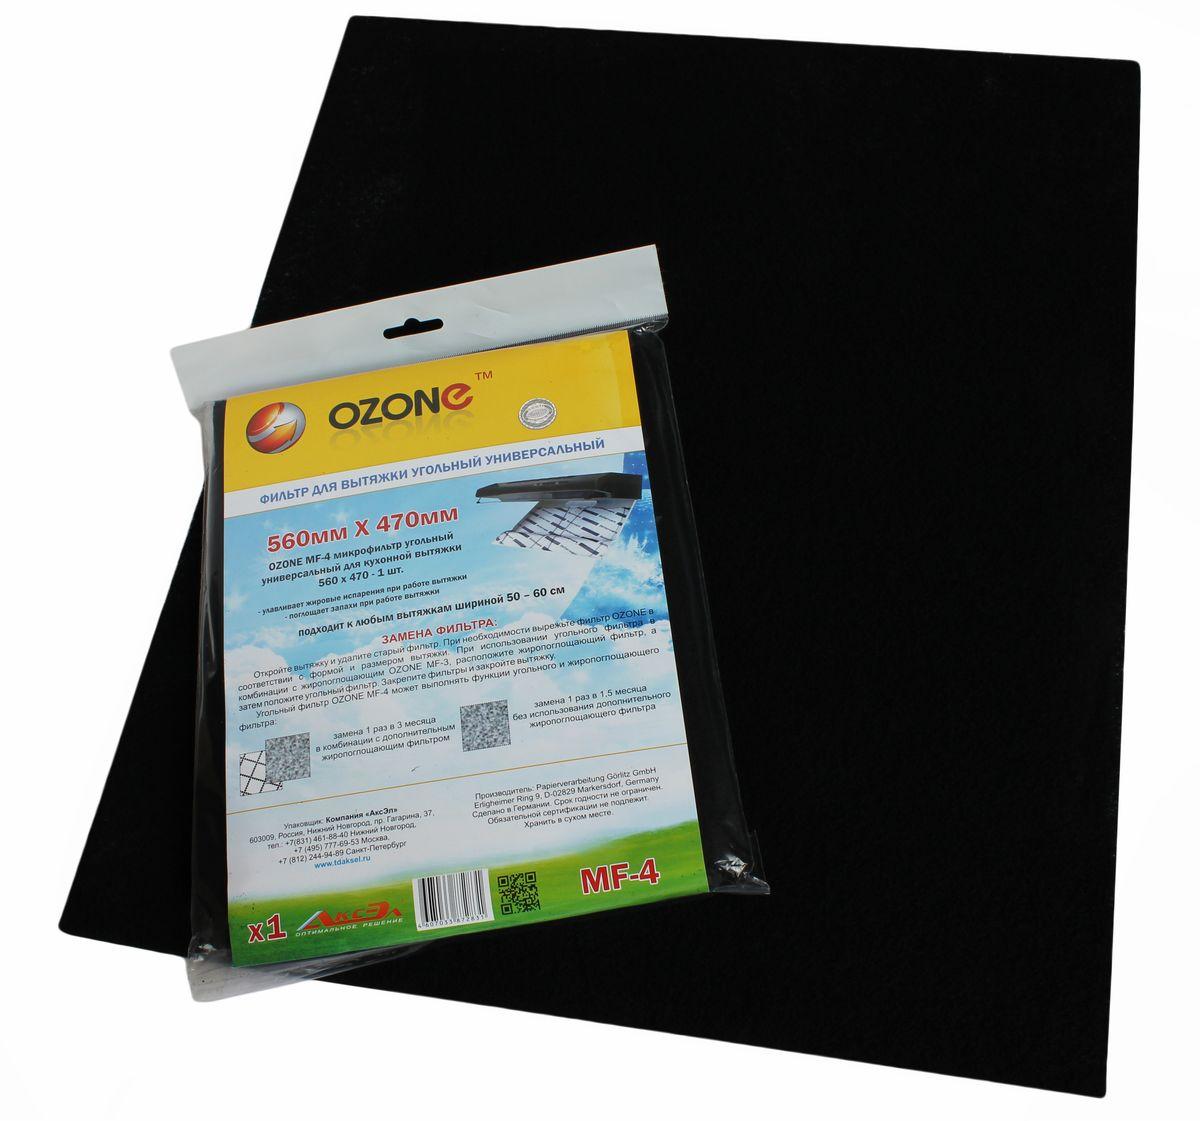 Ozone MF-4микрофильтр для вытяжки угольный универсальный Ozone